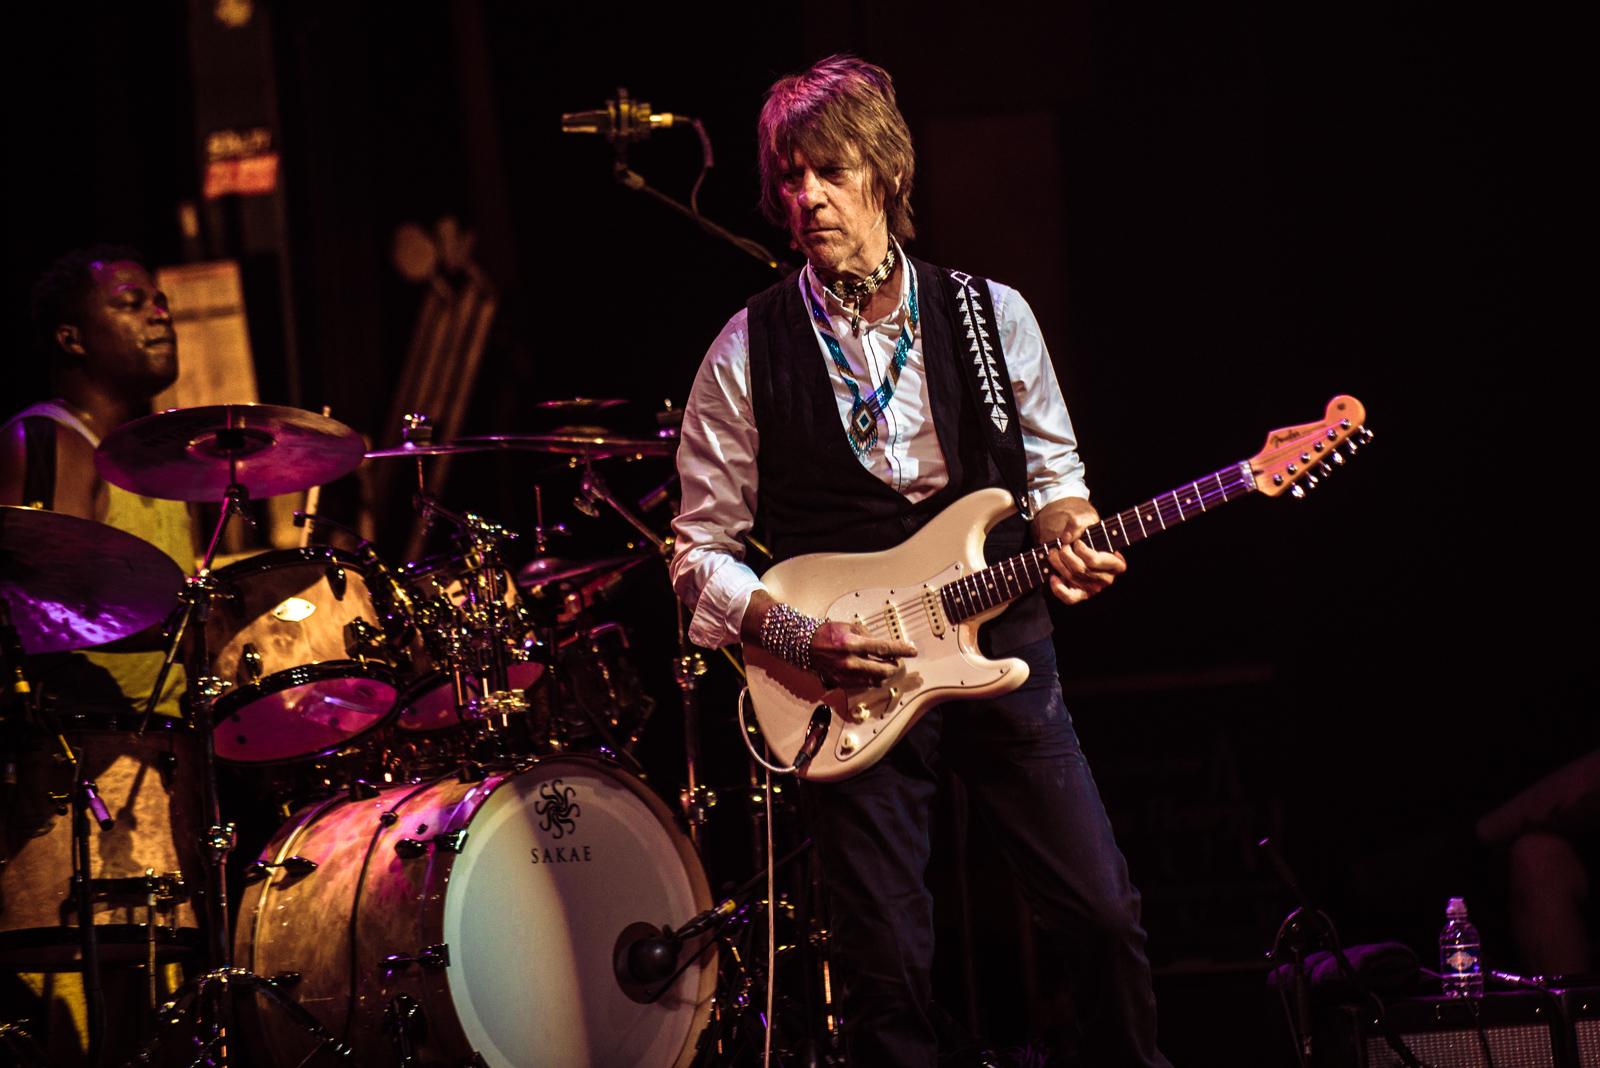 Jeff en concert à la Salle Pleyel - 24/10/2016